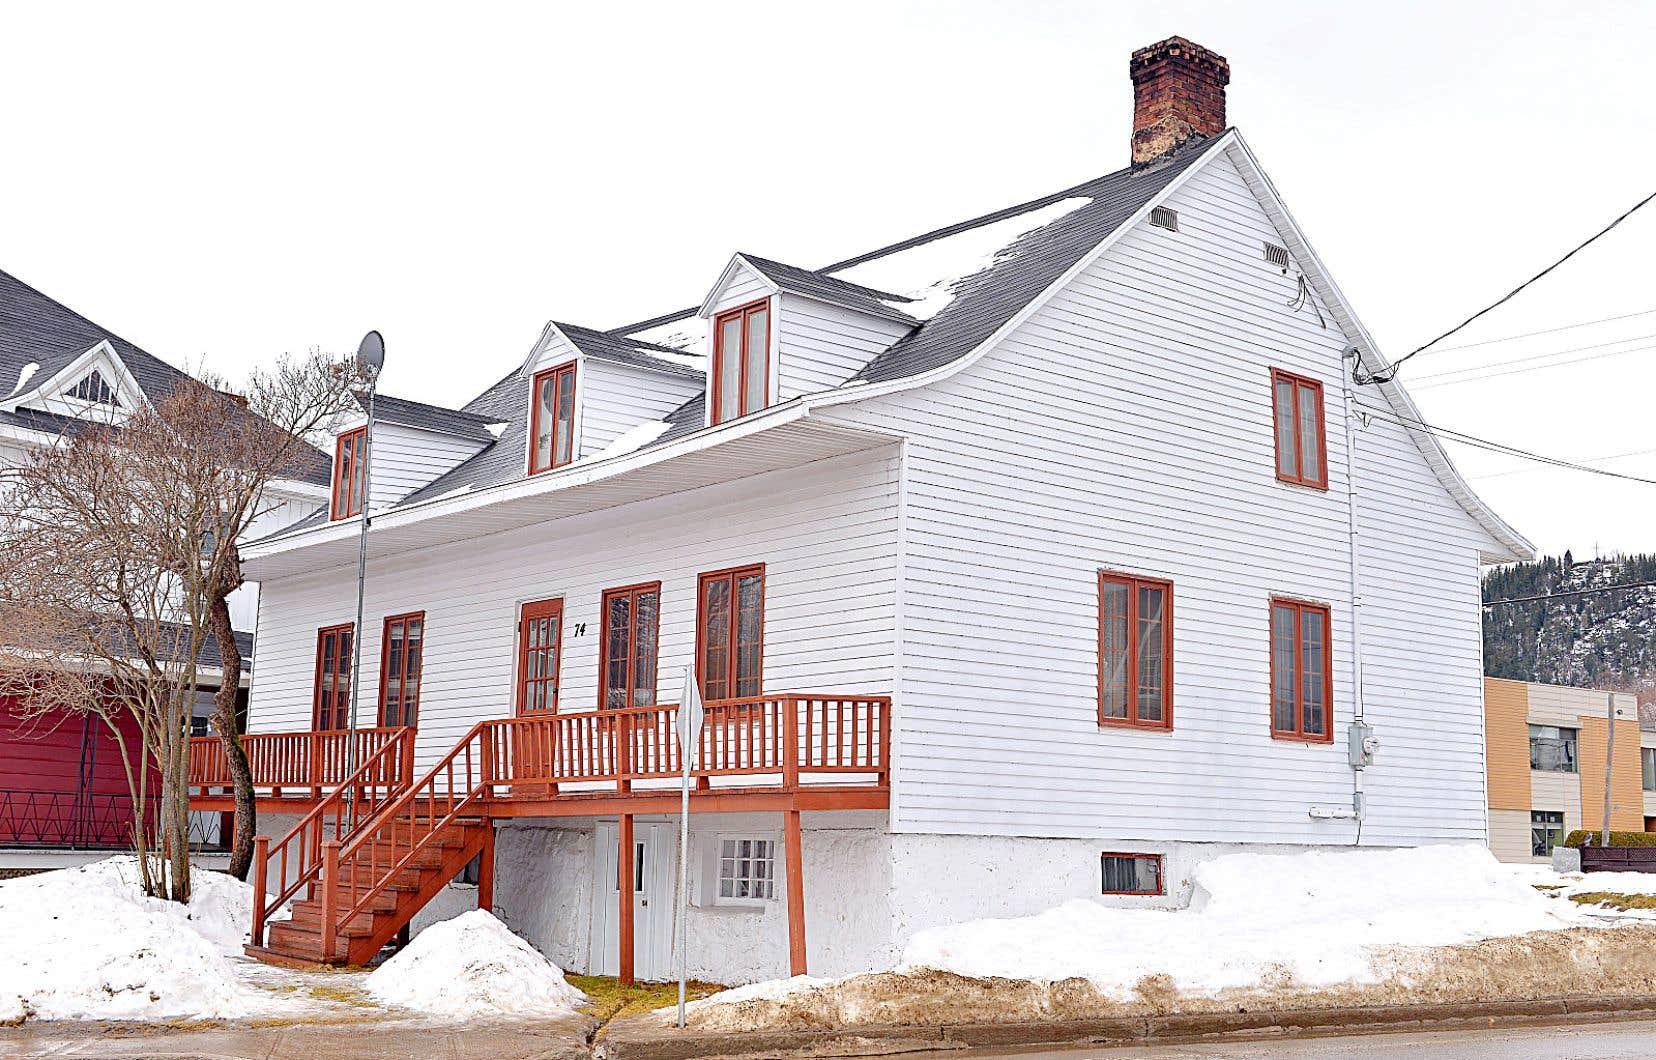 La municipalité de Clermont avait annoncé ce printemps autoriser la démolition de la maison d'Alexis le Trotteur, après qu'un incendie eut partiellement altéré l'intérieur de ce bâtiment ancien.